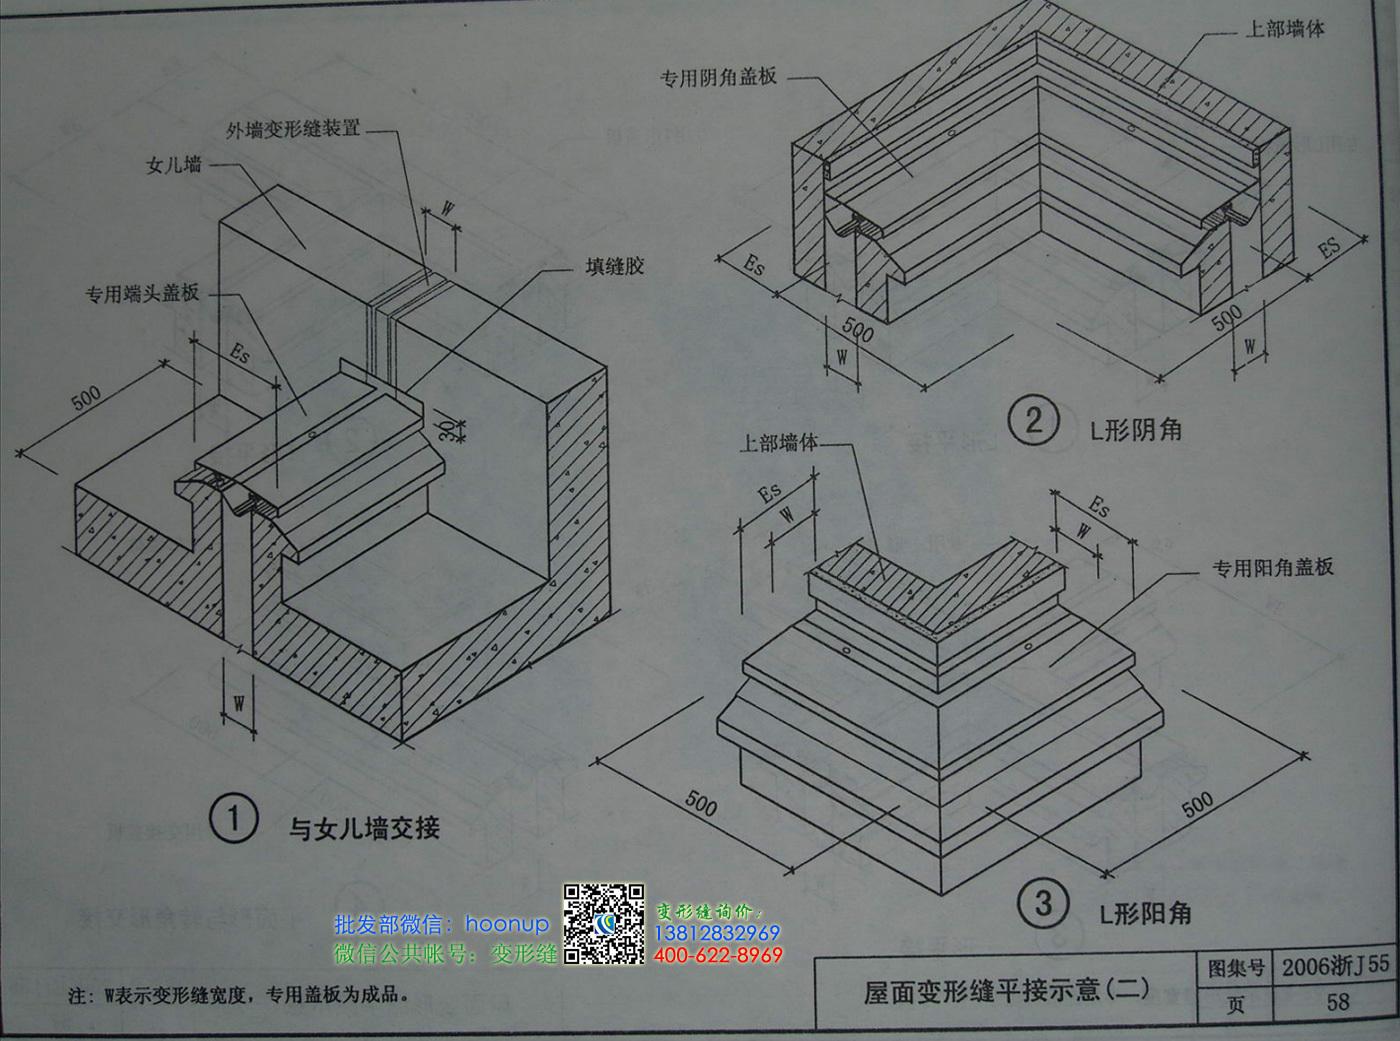 2006浙j58变形缝图集第58页